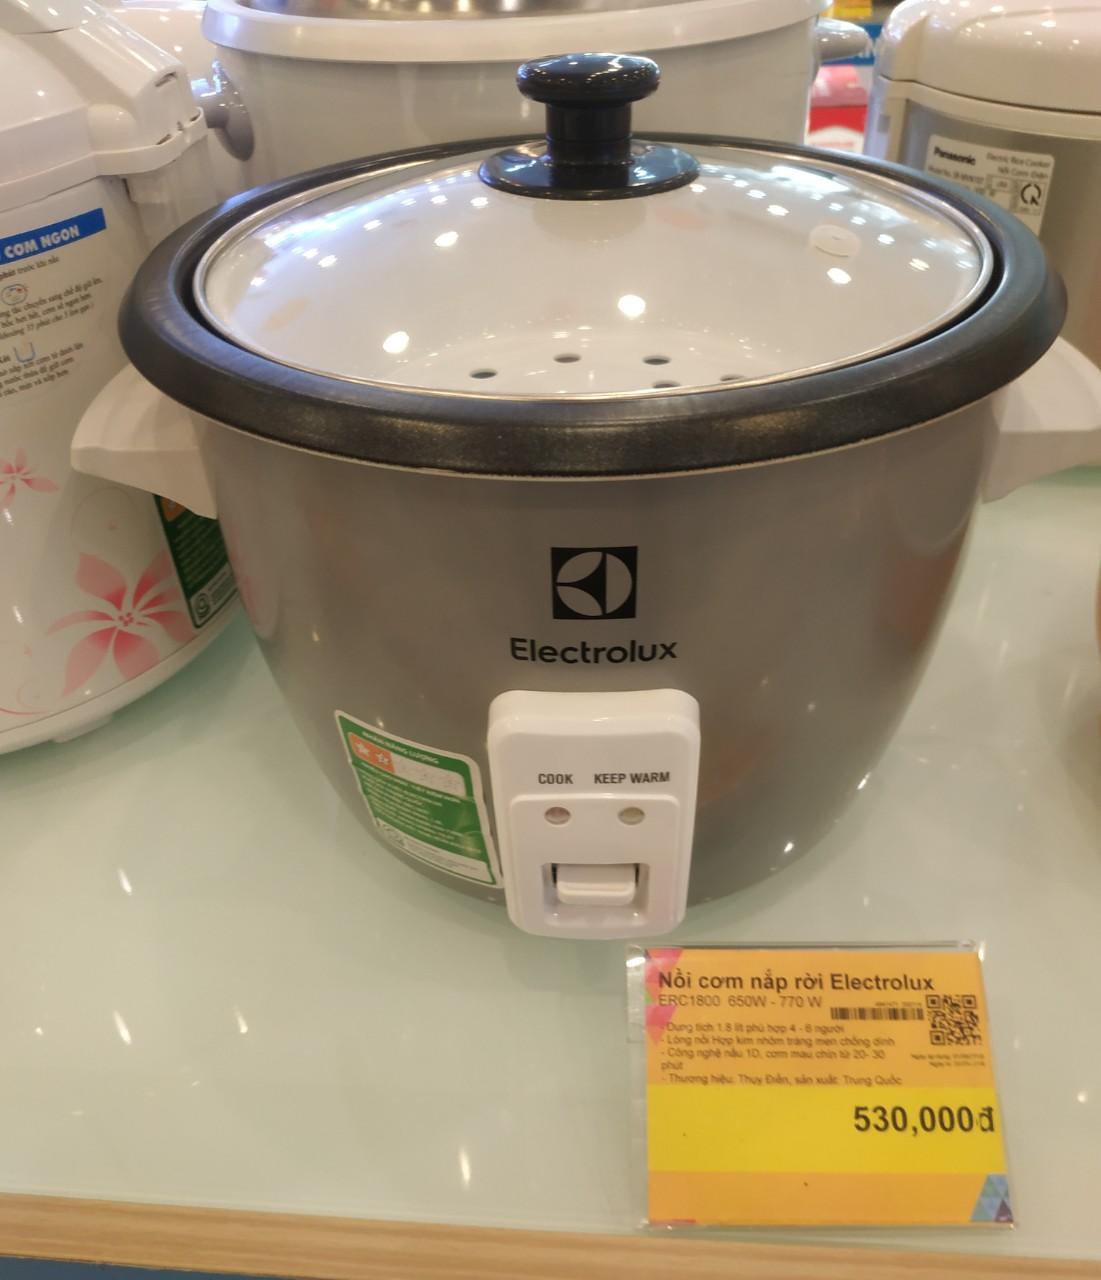 Nồi cơm điện Electrolux 1.8 lít ERC1800 mới